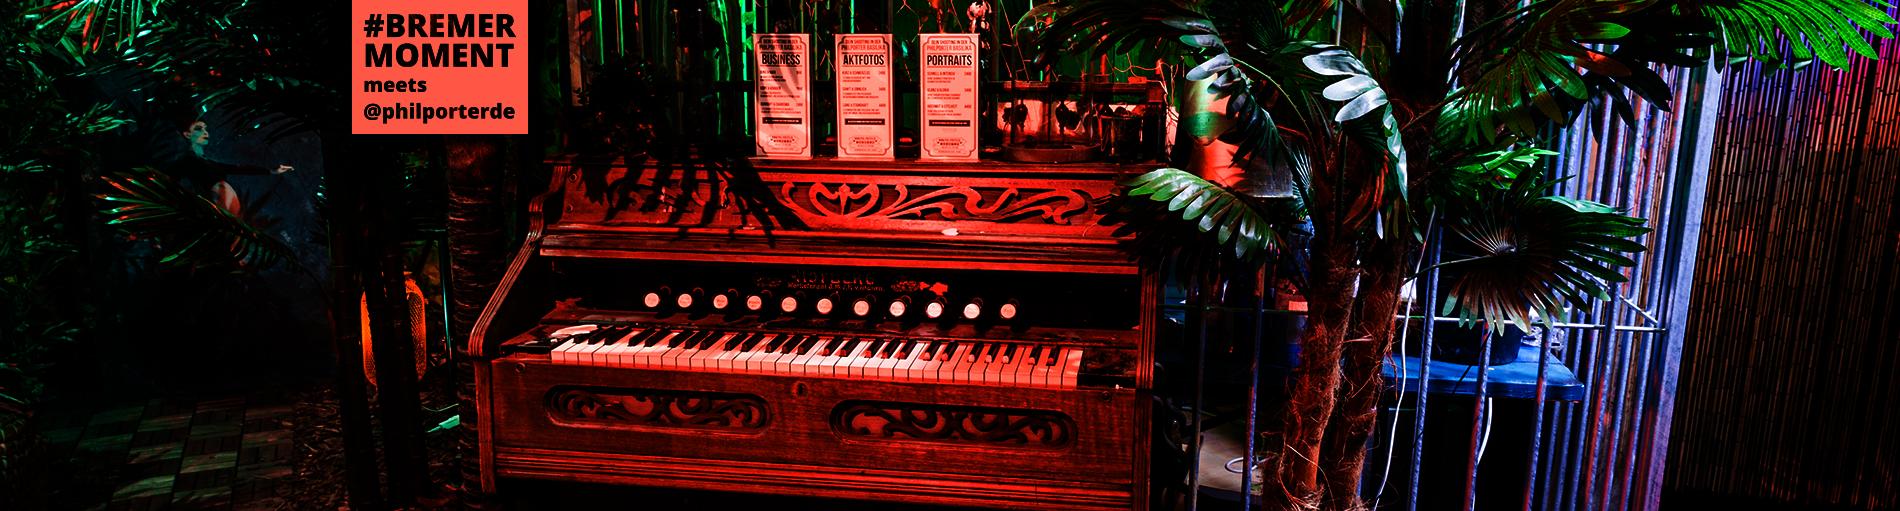 Ein Harmonium inmitten einer Urwald-artigen Umgebung.